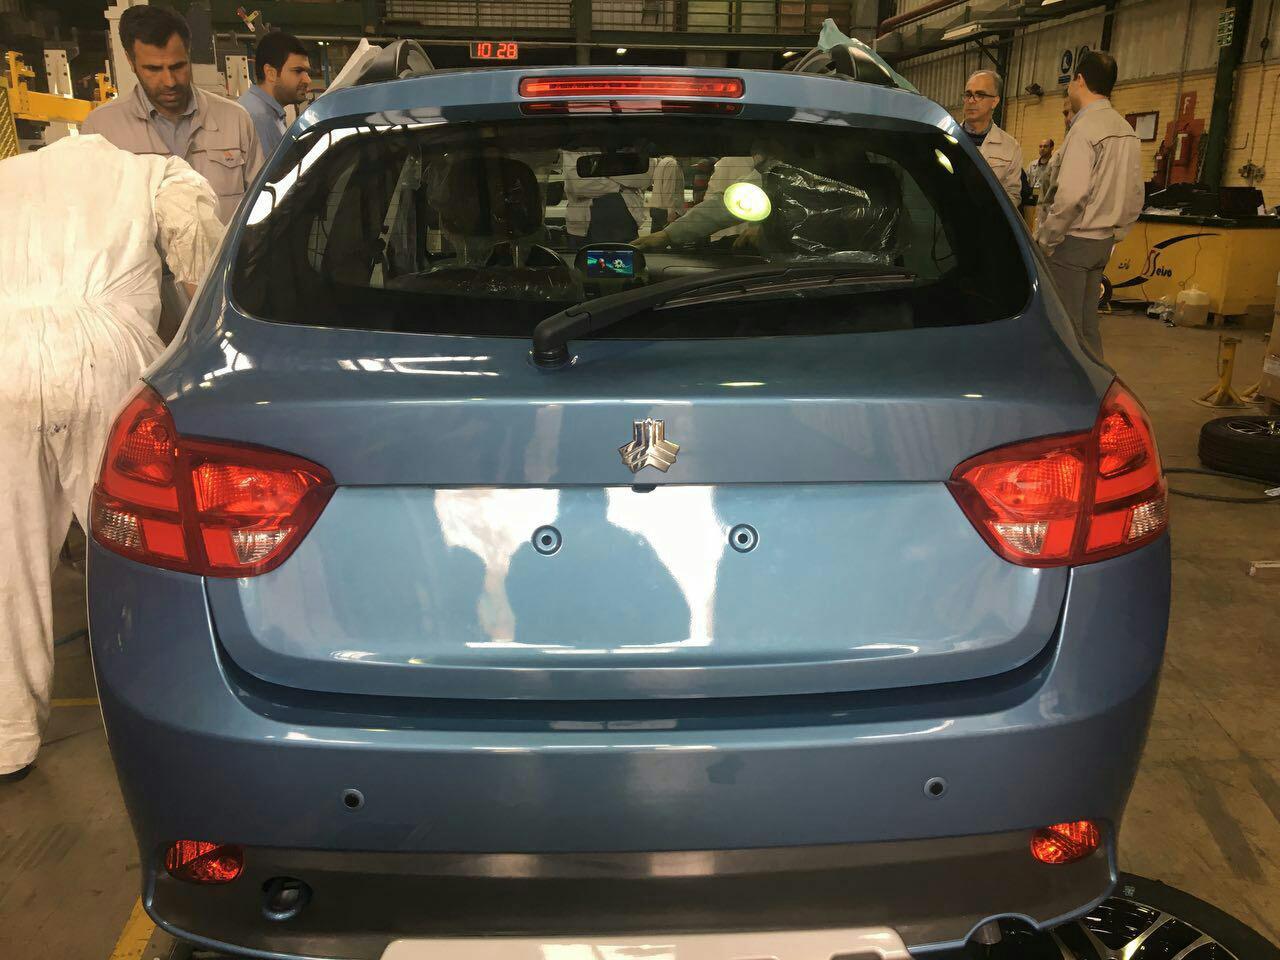 جزئیات جدیدترین خودروی سایپا / کوئیک نام خودروی جدید / ارزان ترین شاسی بلند بازار چگونه است؟ (+عکس)